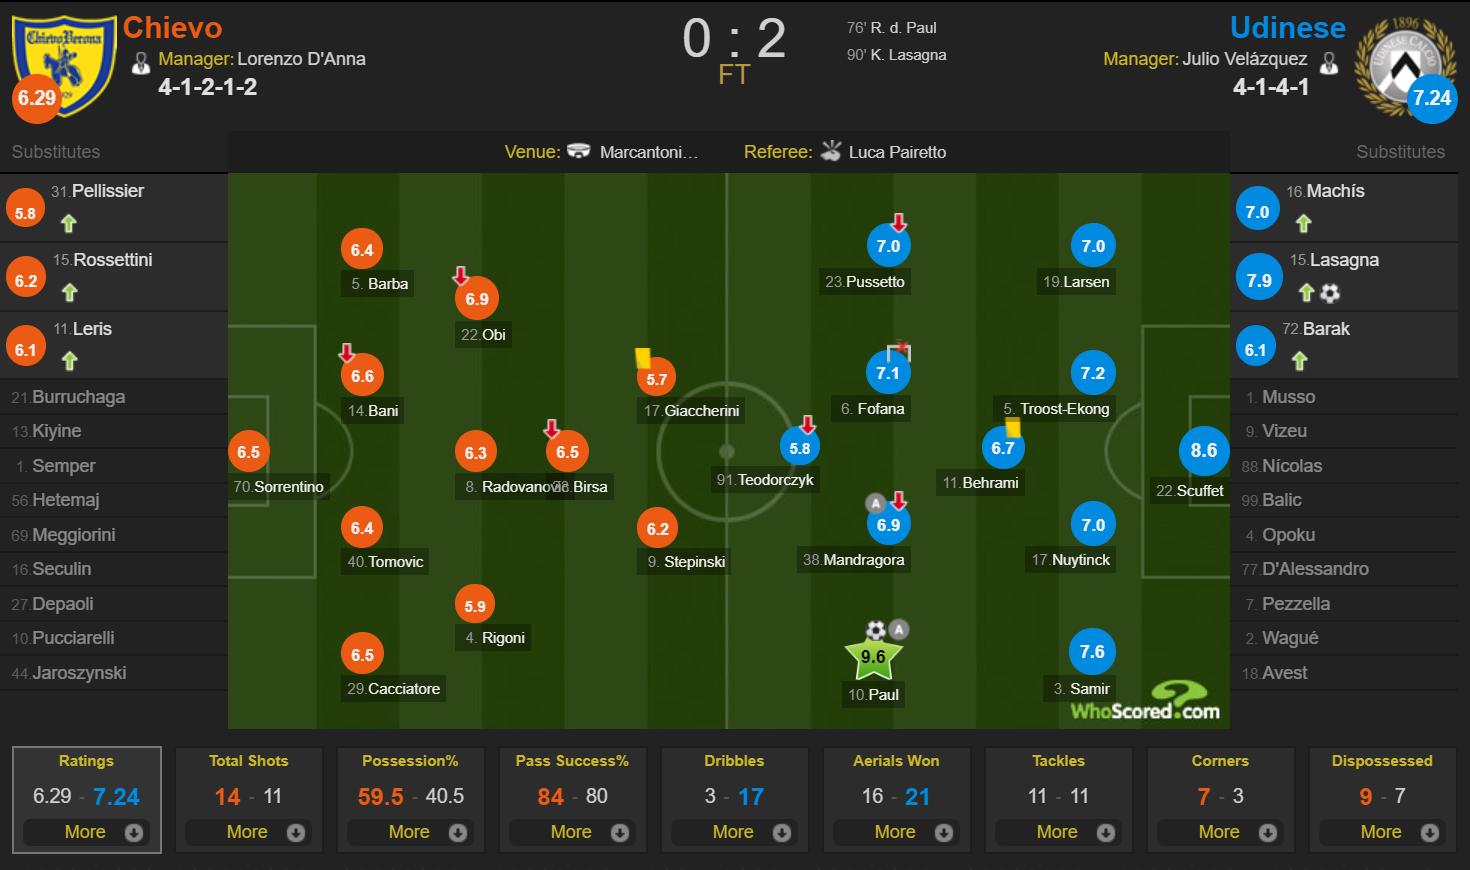 Chievo 0-2 Udinese WhoScored raitings